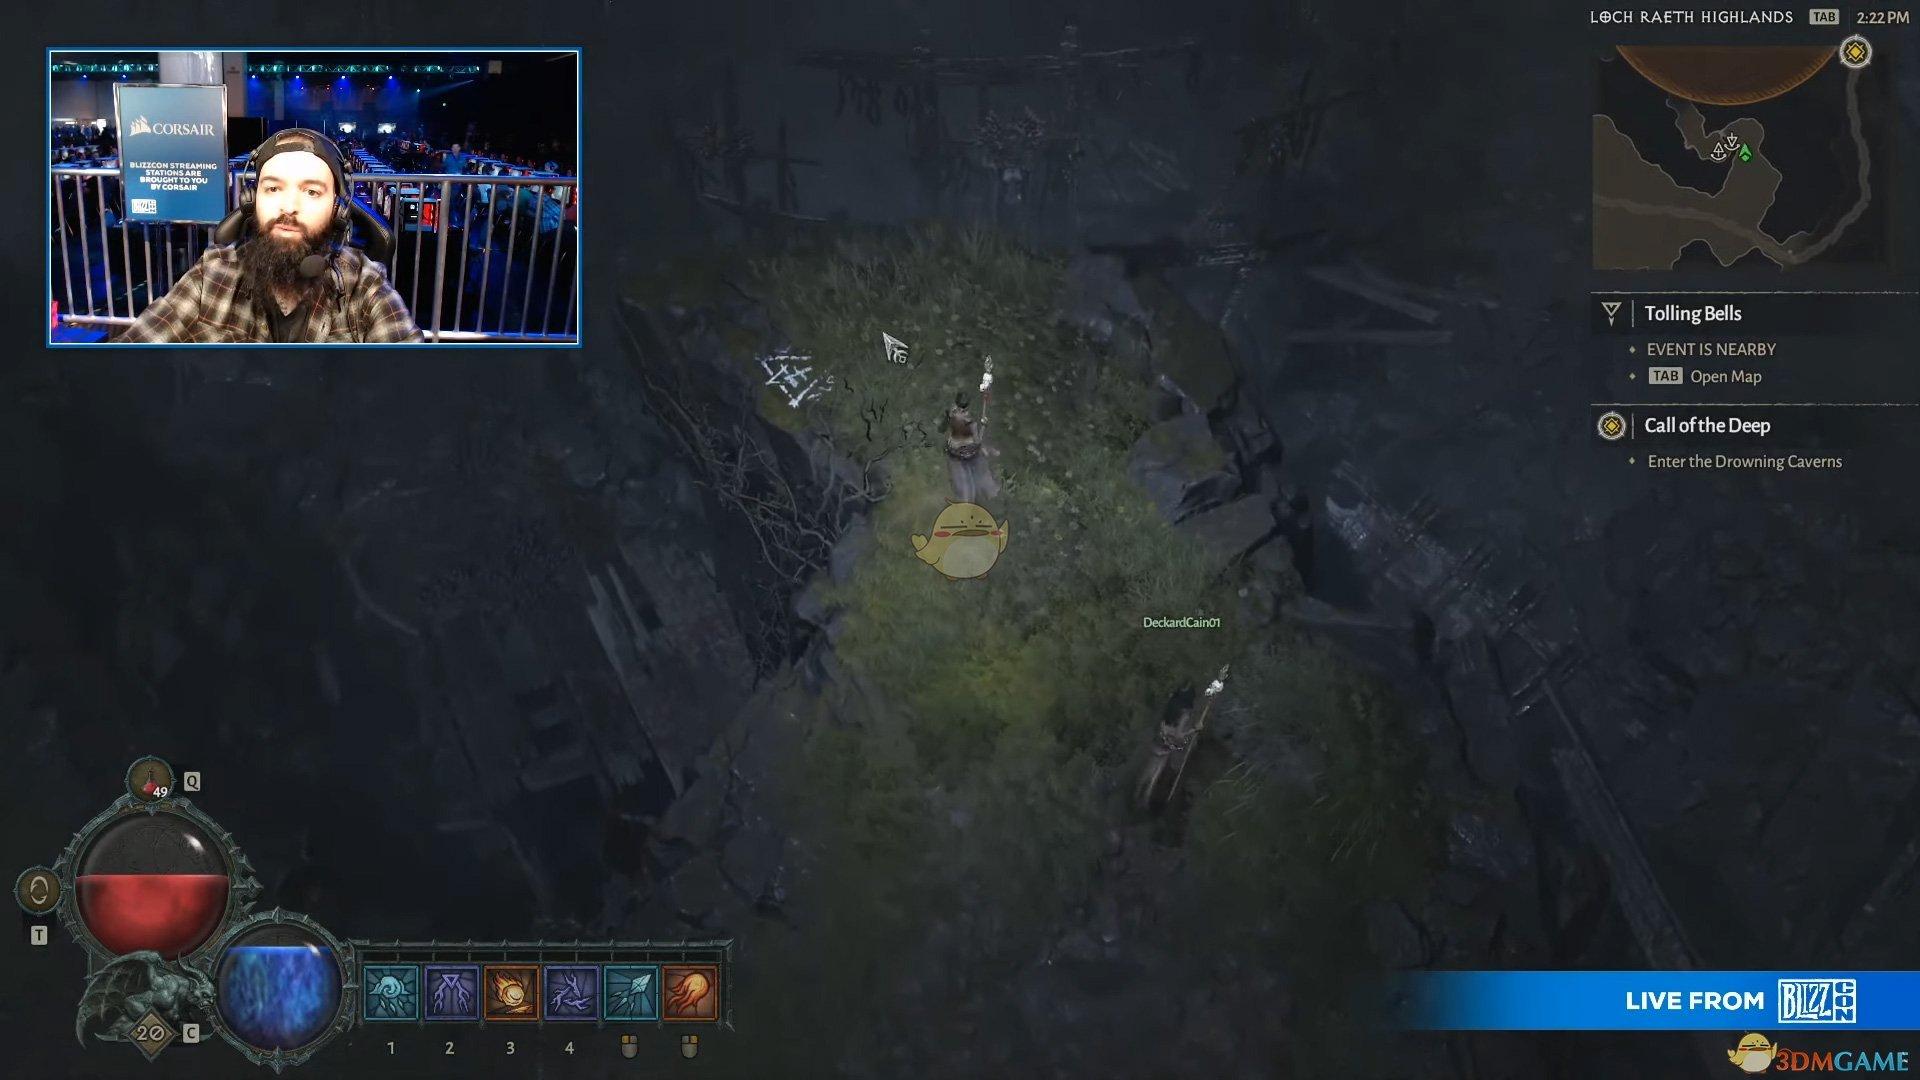 《暗黑破坏神4》演示界面中的细节分析